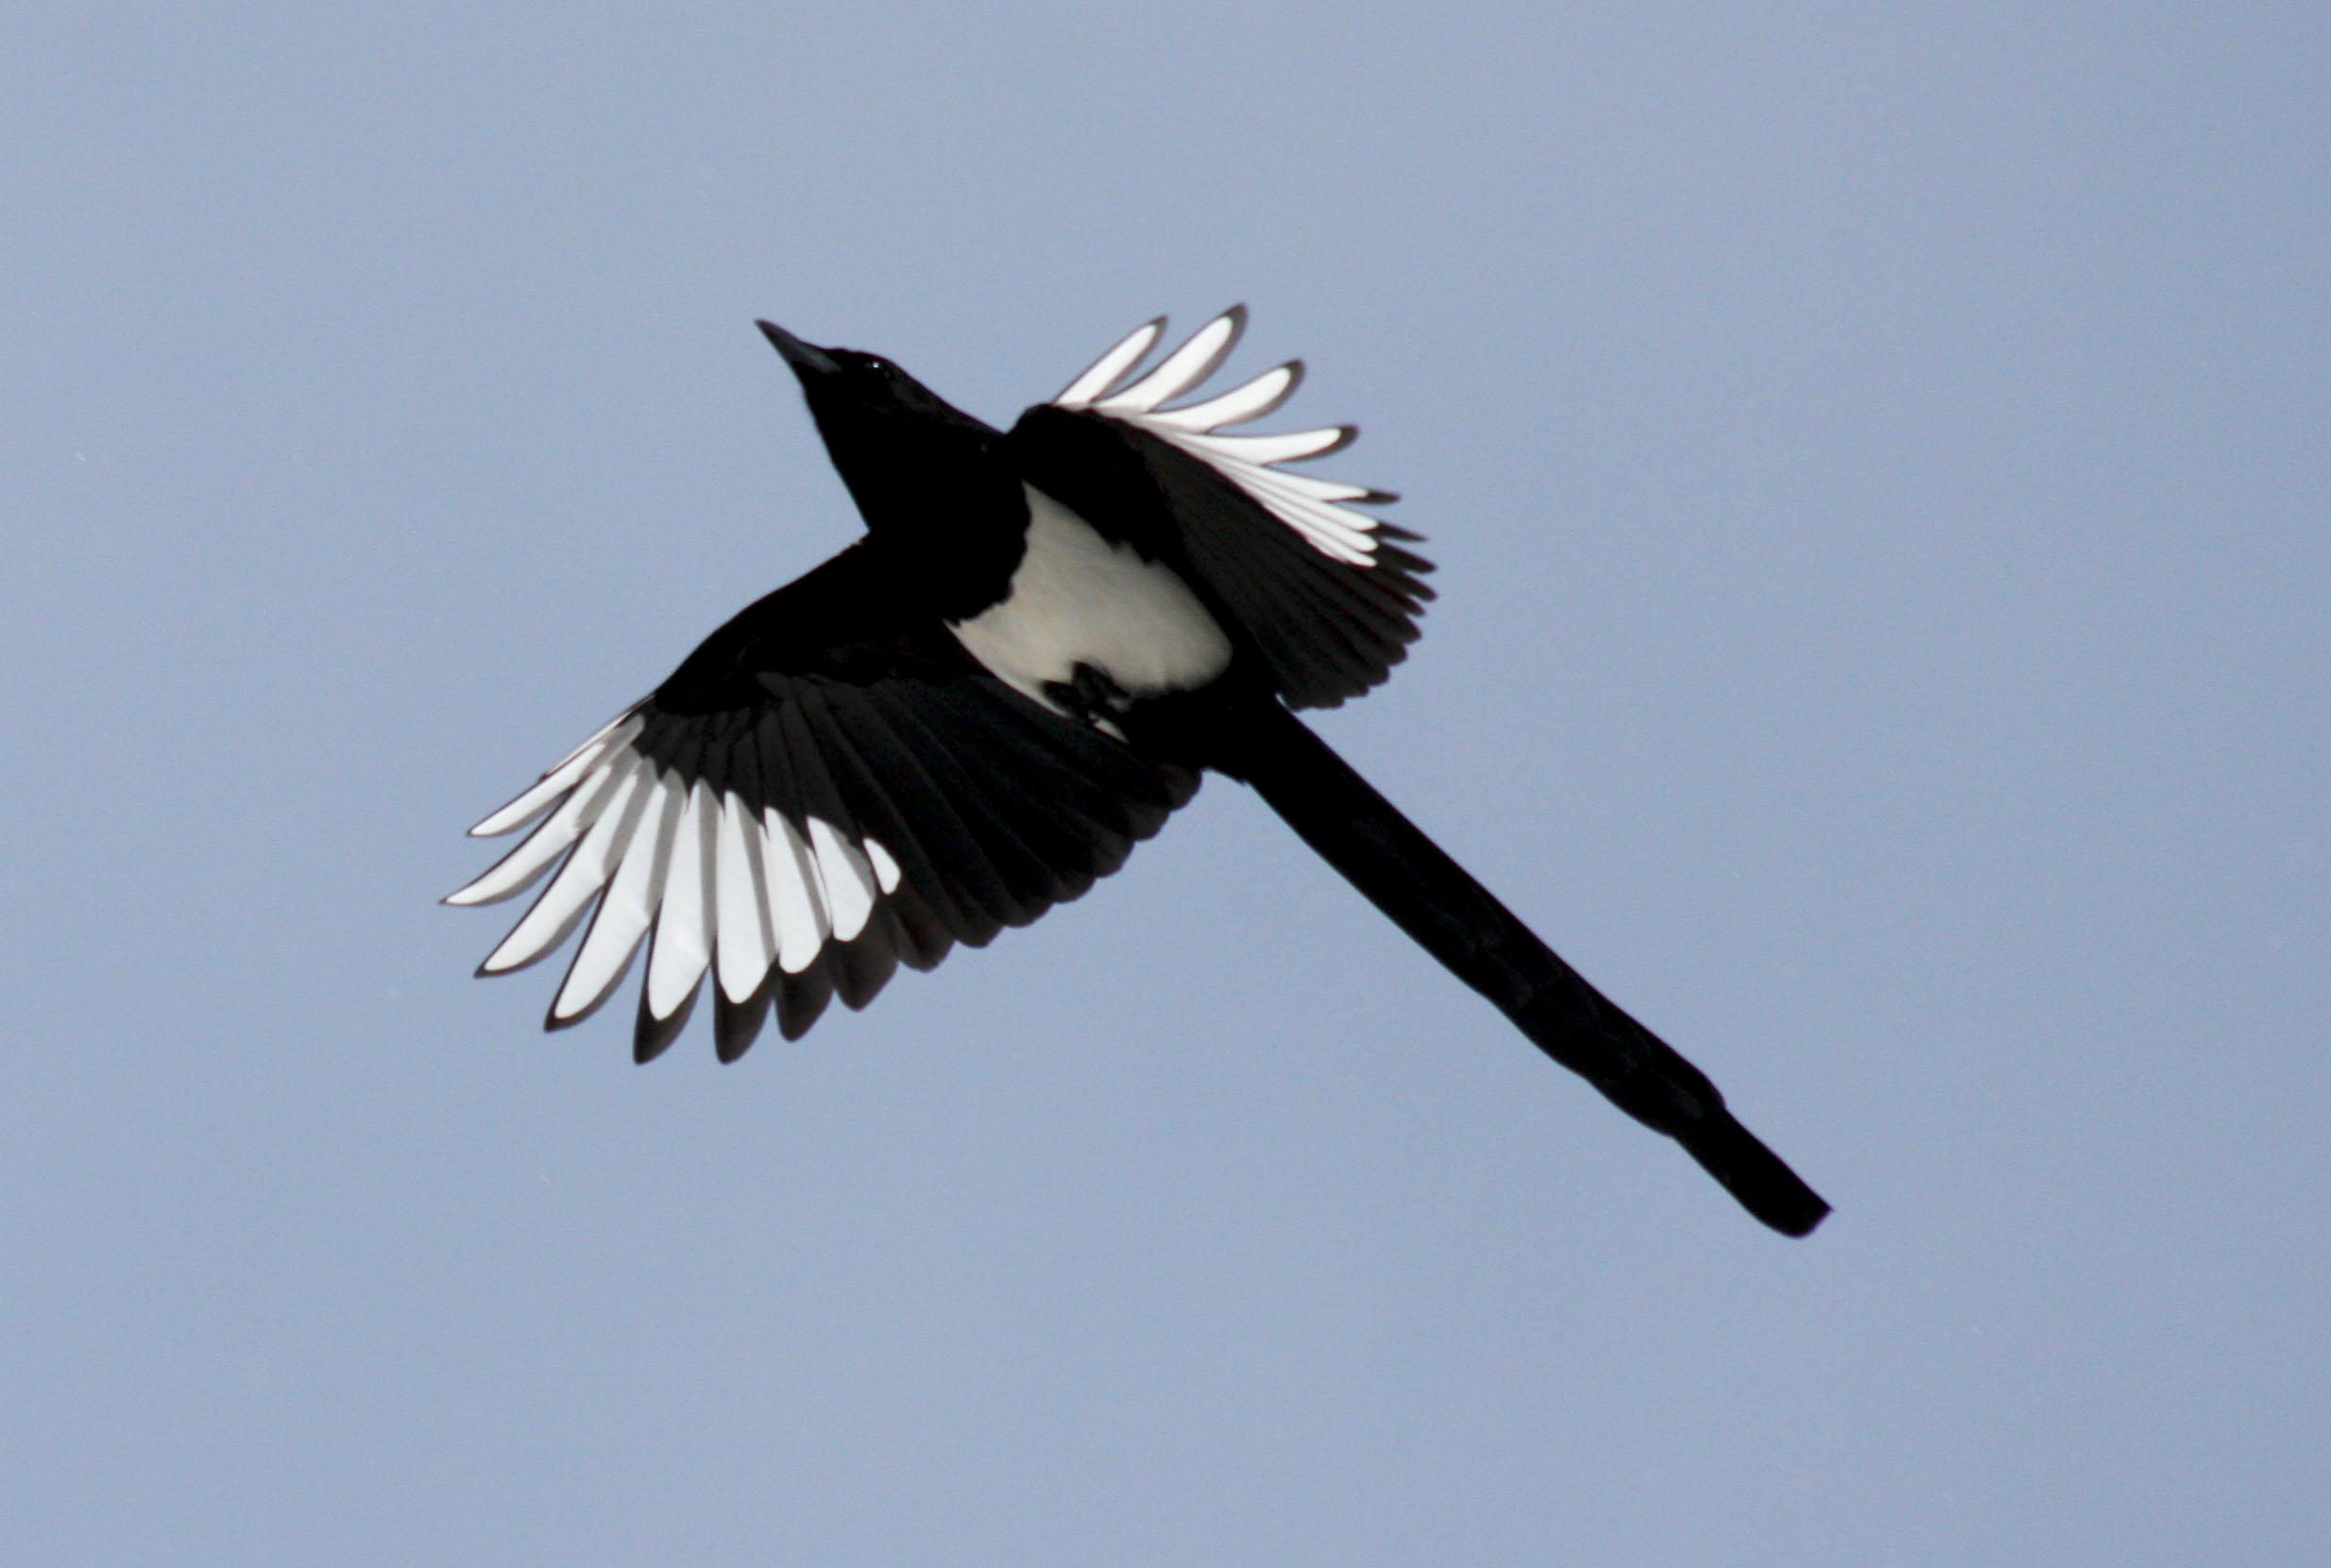 birds colorado desktop primaries avise flight pica hdblackwallpaper